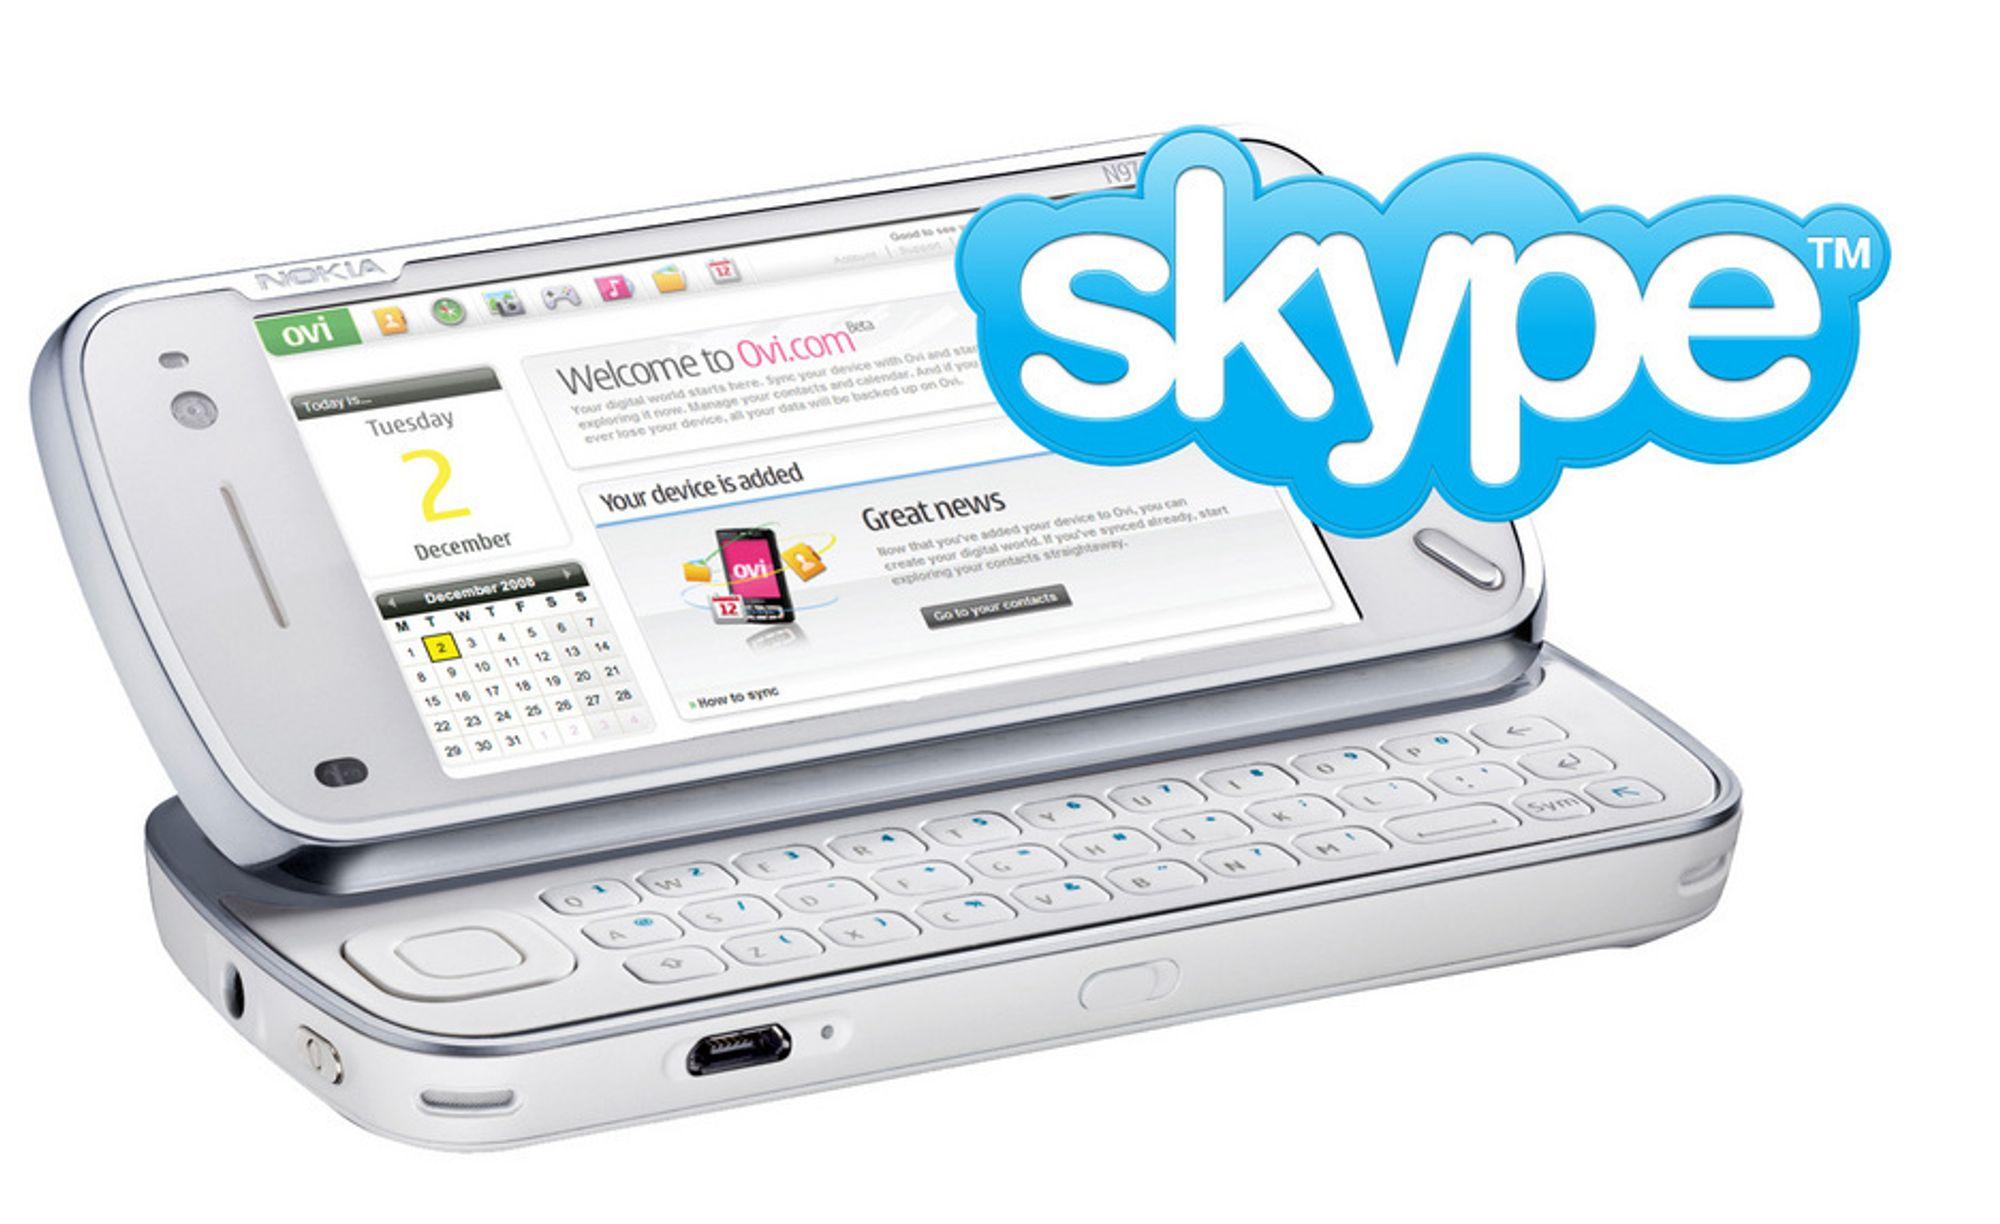 Nokia N97 blir den første Nokia-telefonen med Skype. Den kommer i tredje kvartal i år.